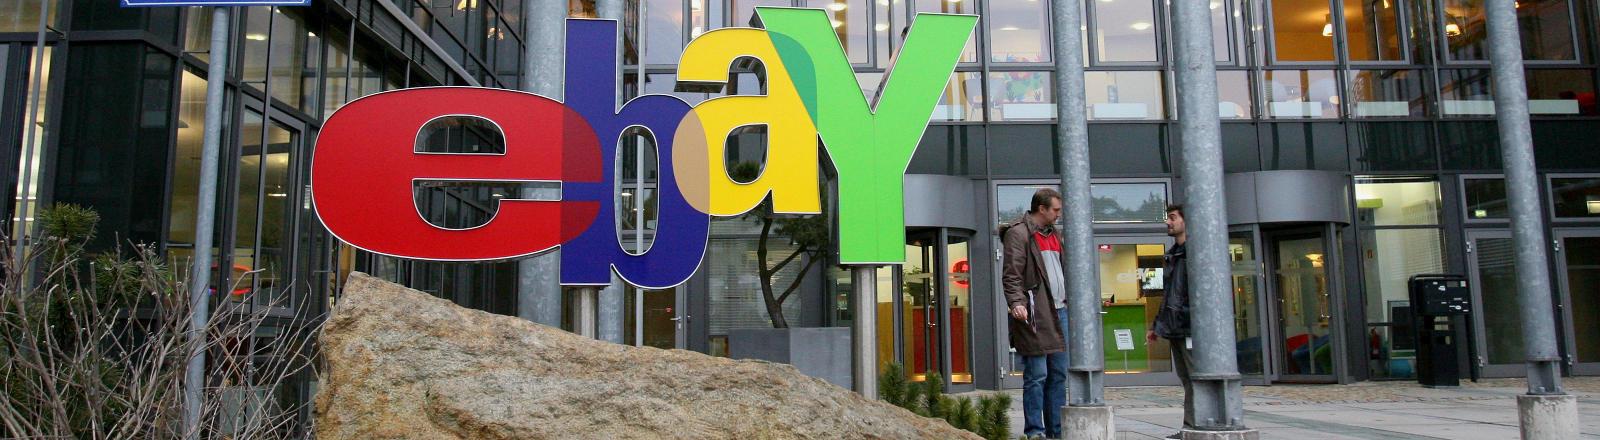 Das alte Ebay-Logo vor einem Gebäude